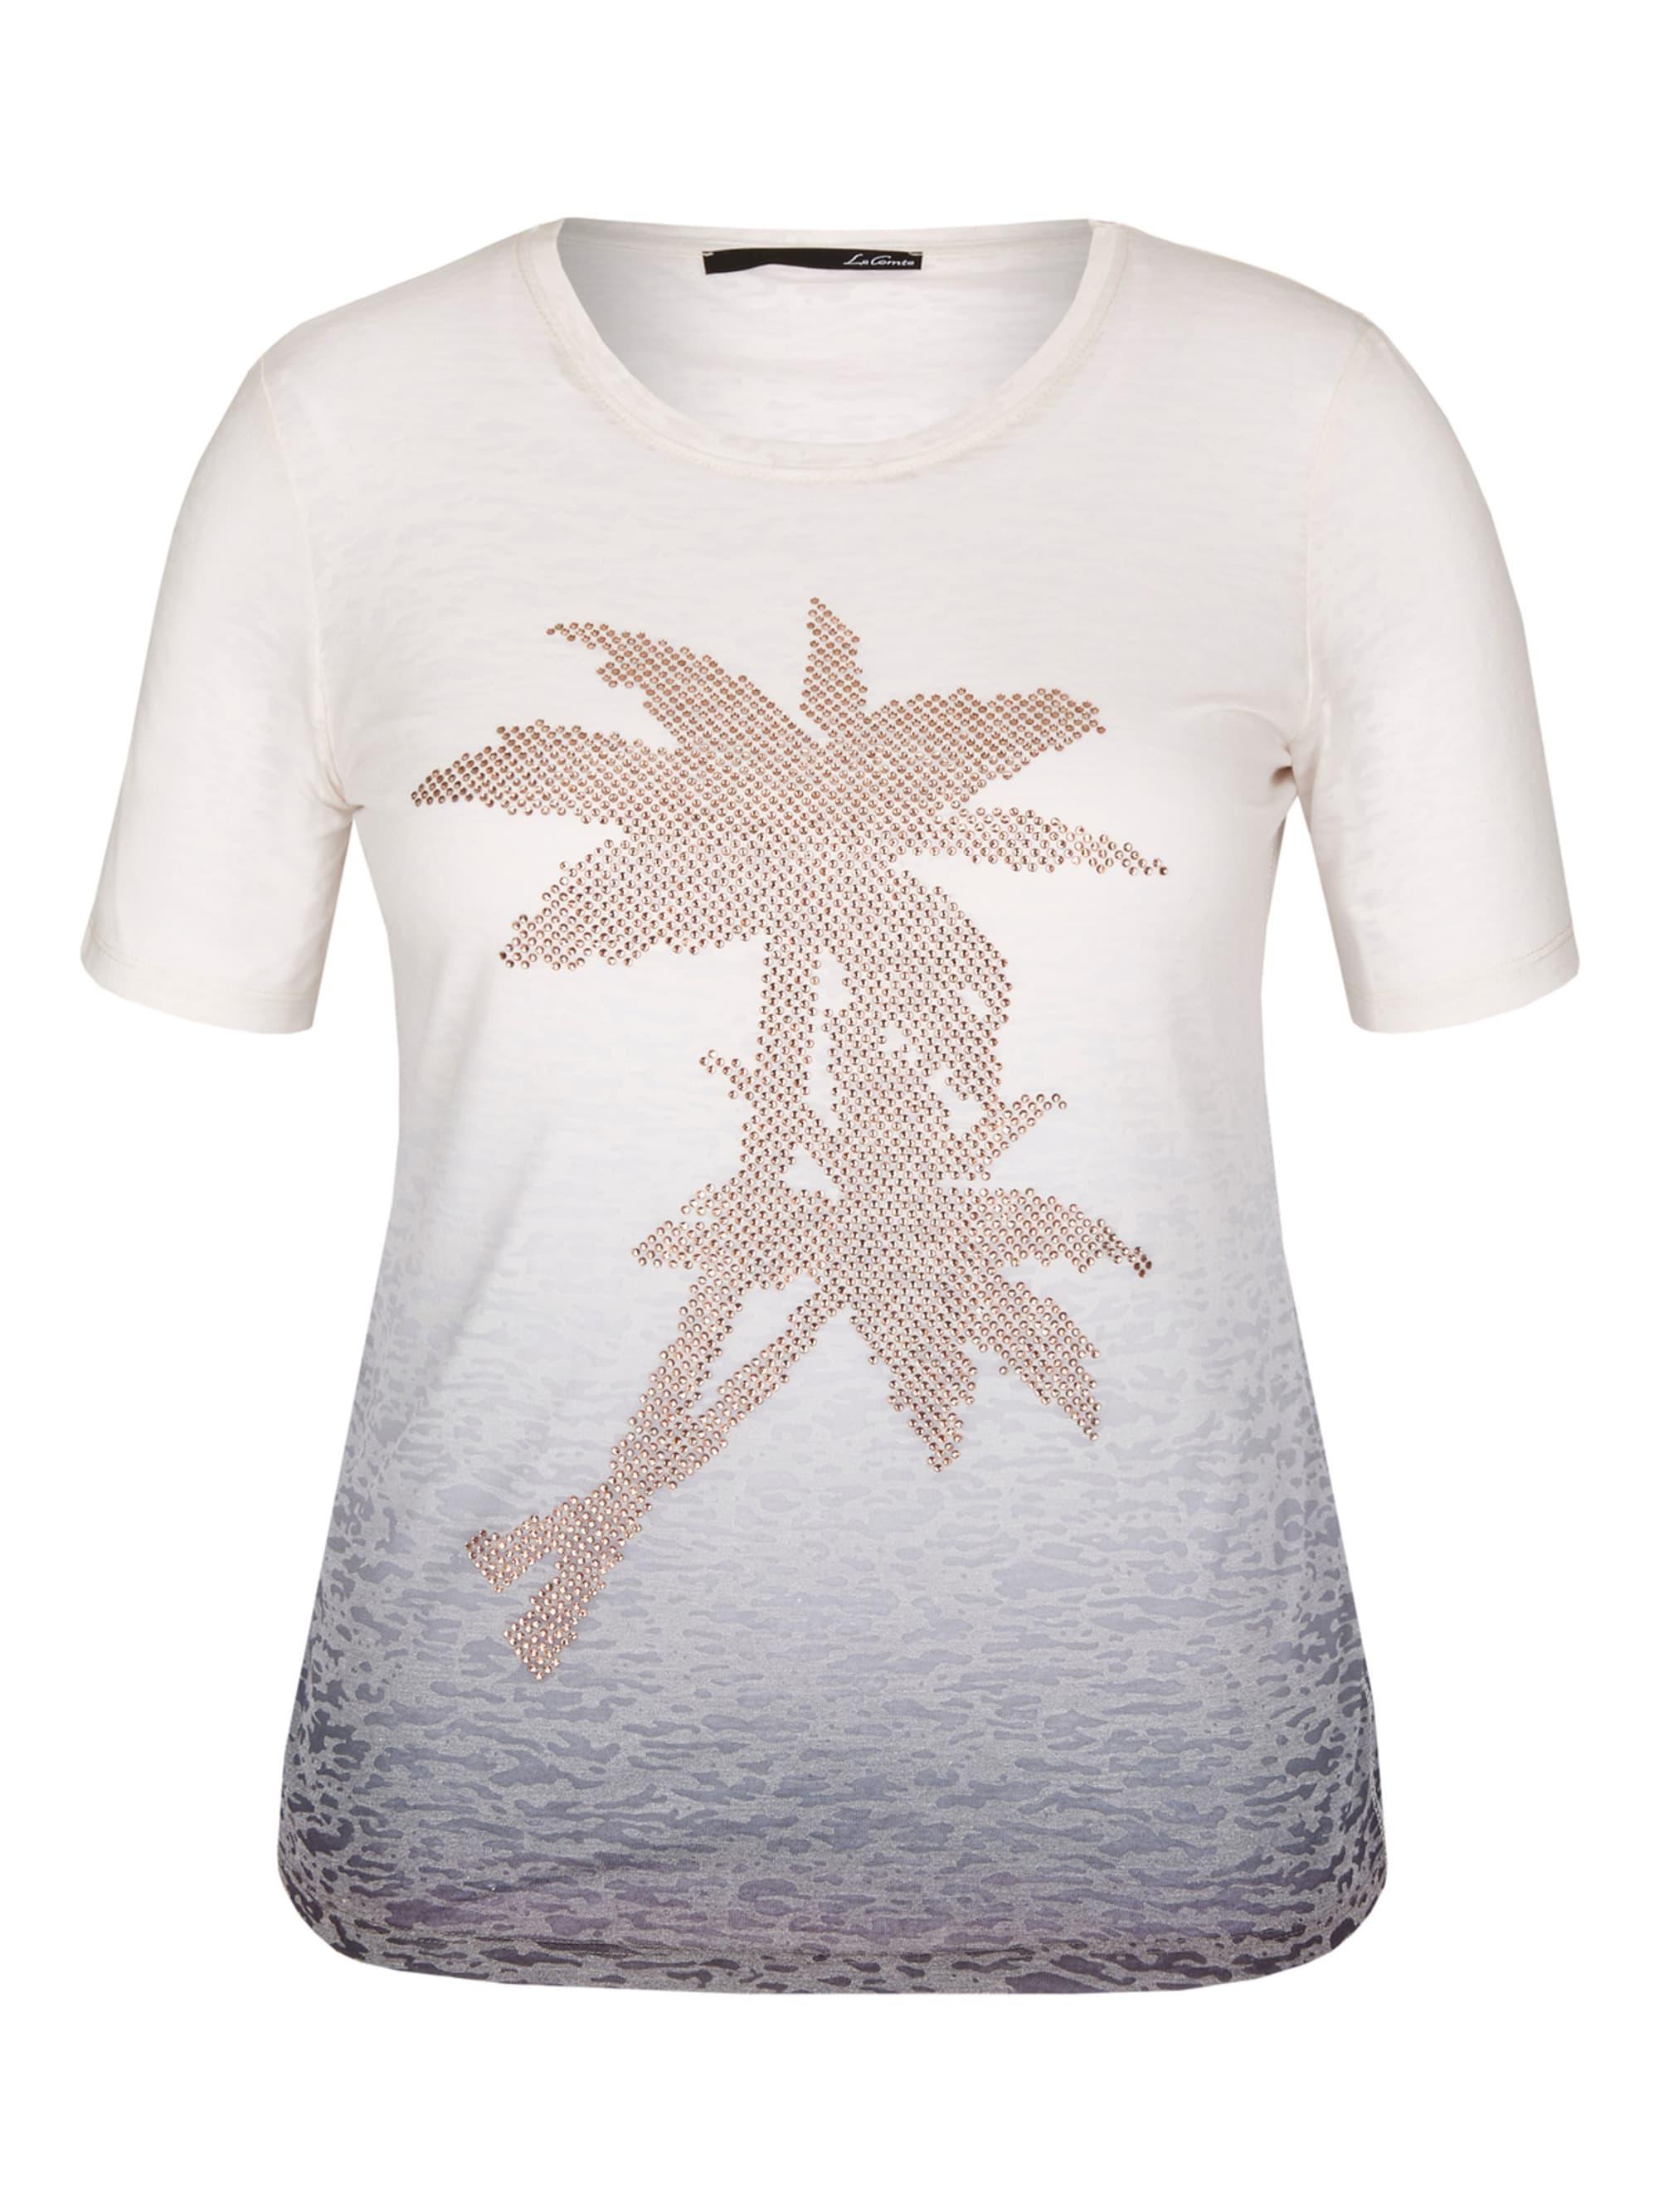 Le Comte Shirt in Dip-Dyed-Optik mit Ziersteinen 366OW baNCY